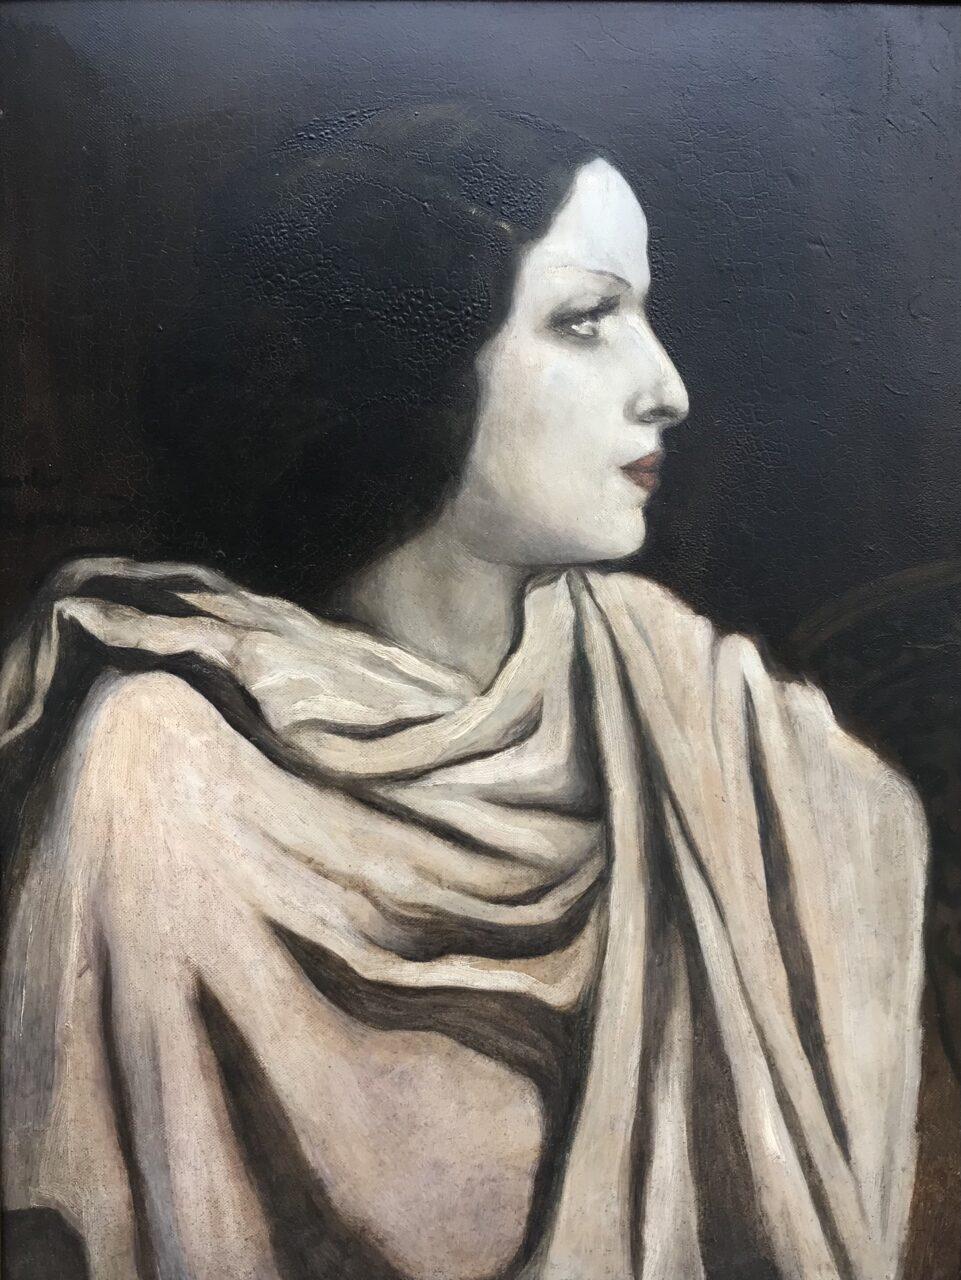 Portrait de femme - Emile Bernard